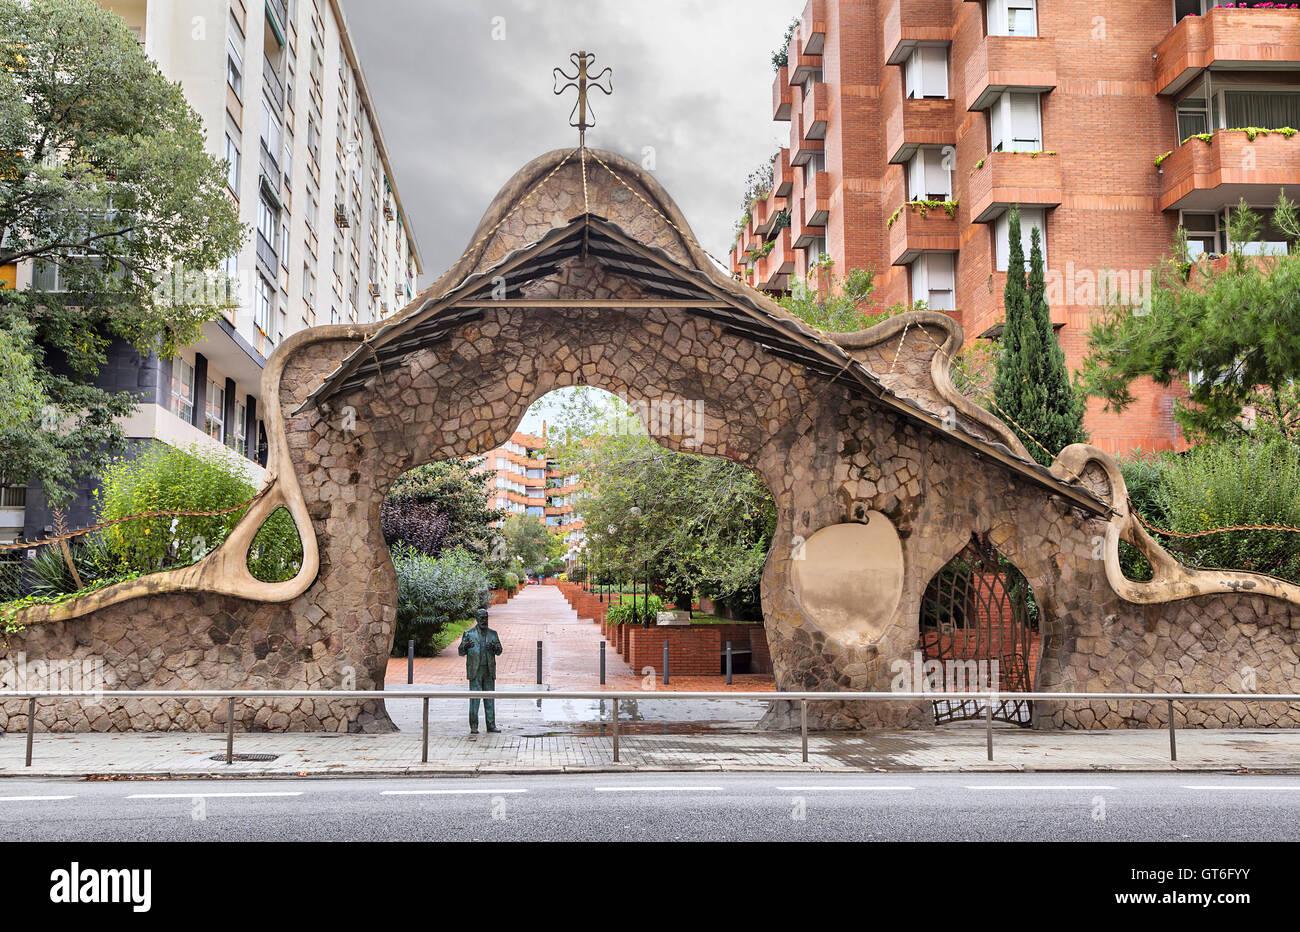 Miralles Gate (Finca Miralles) sul Passeig Manuel Girona - una delle opere  architettoniche di Gaudì a Barcellona Foto stock - Alamy